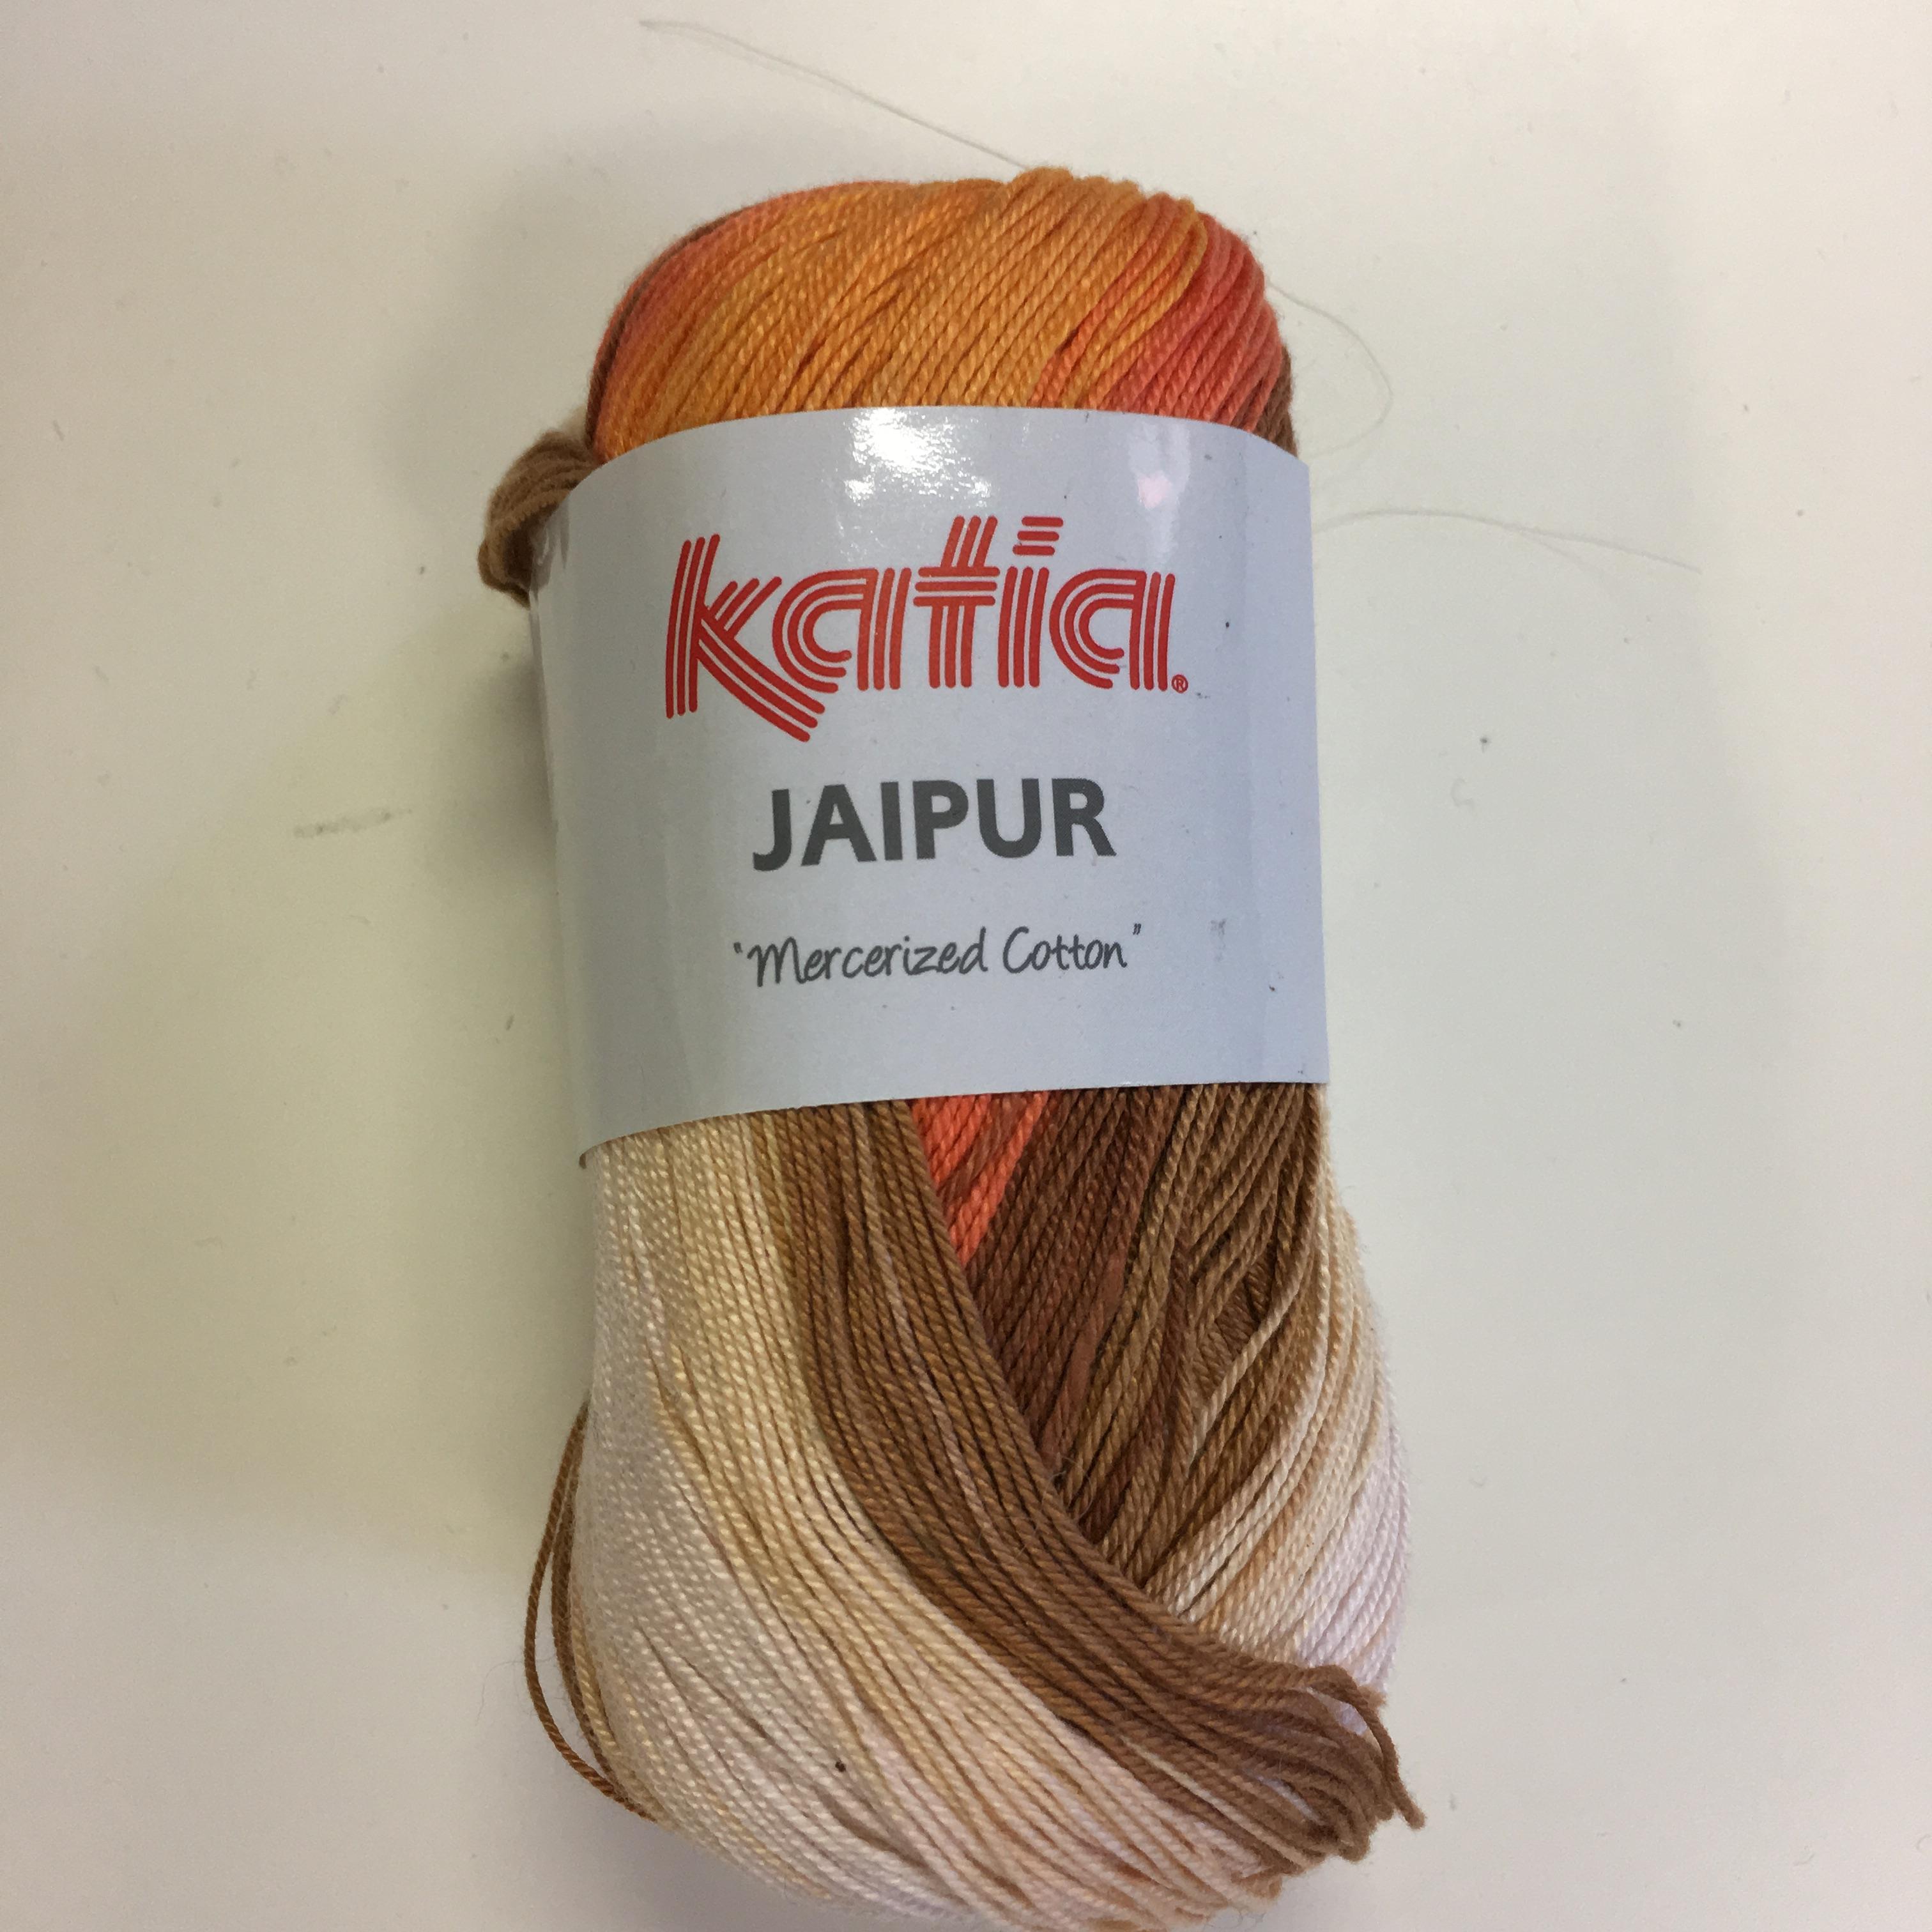 Katia|Jaipur